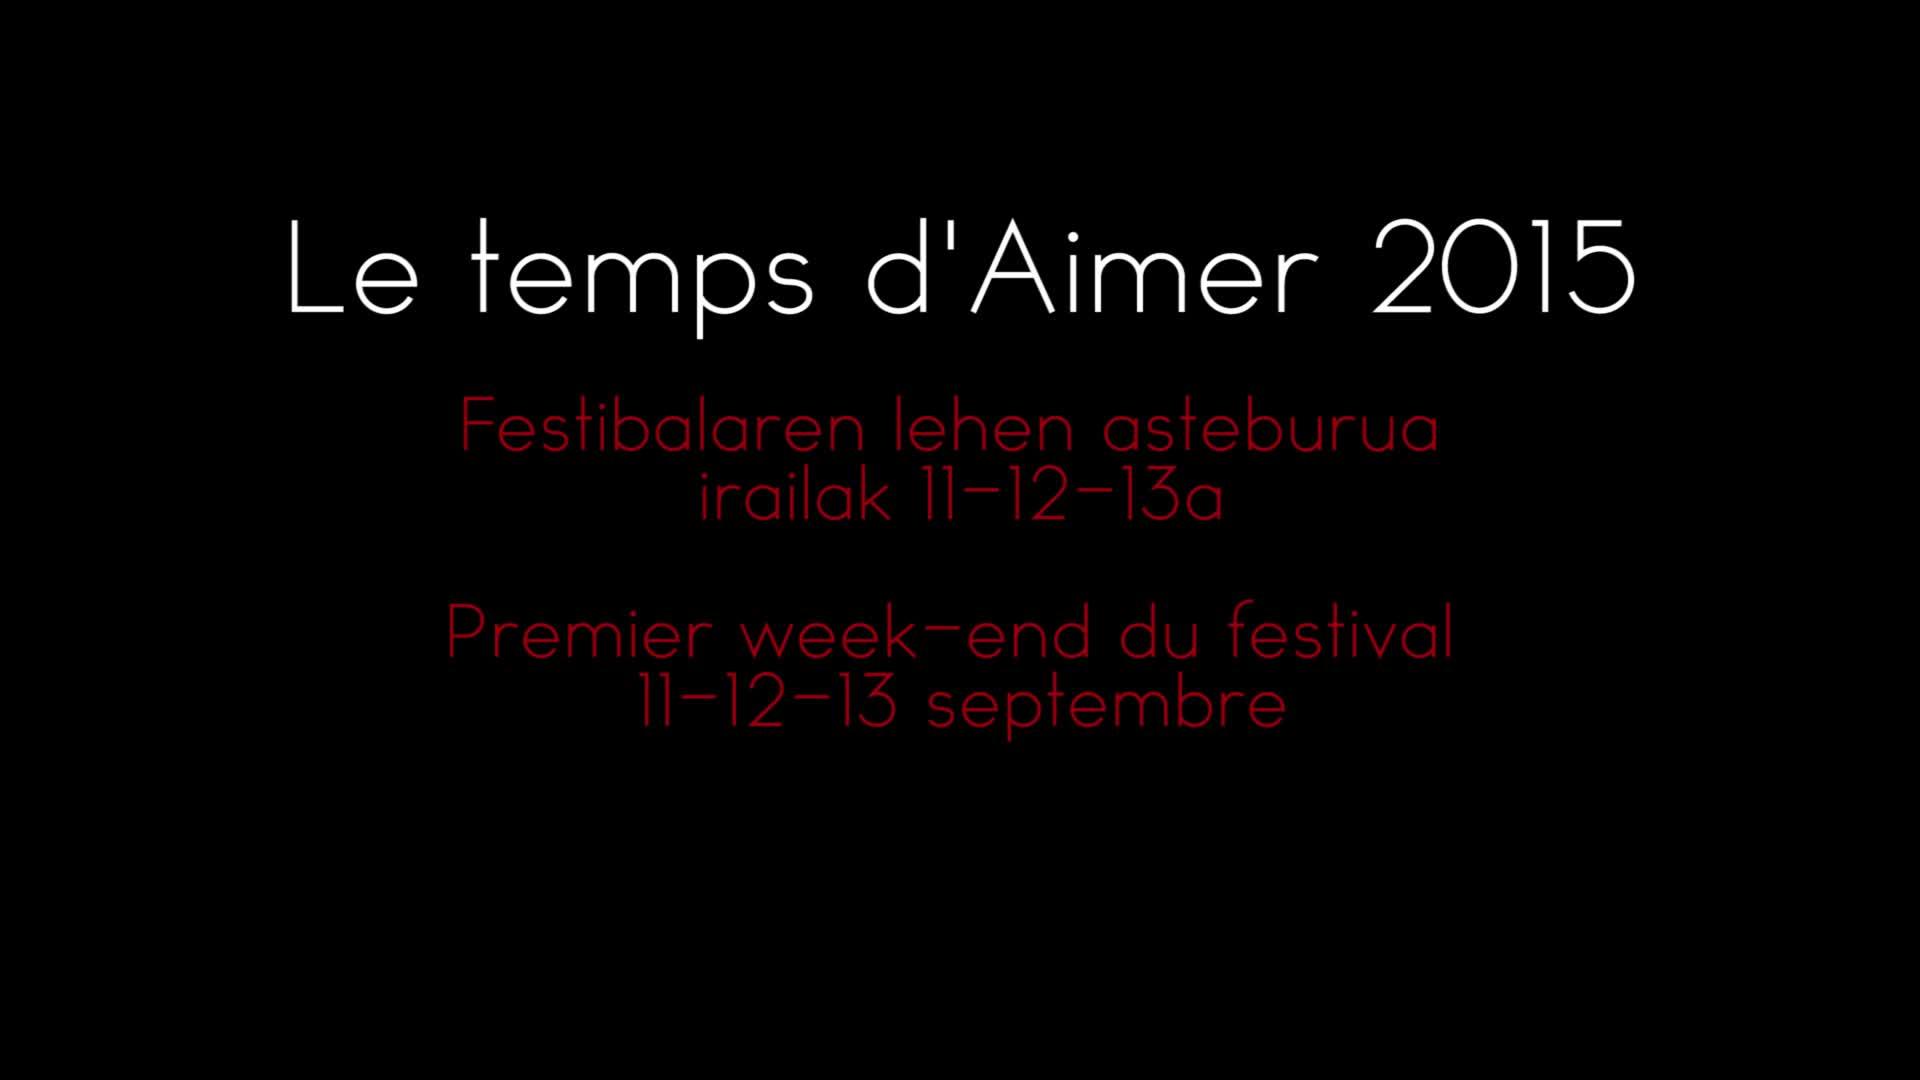 Le temps d'aimer 2015: lehen asteburua irailak 11-12-13a